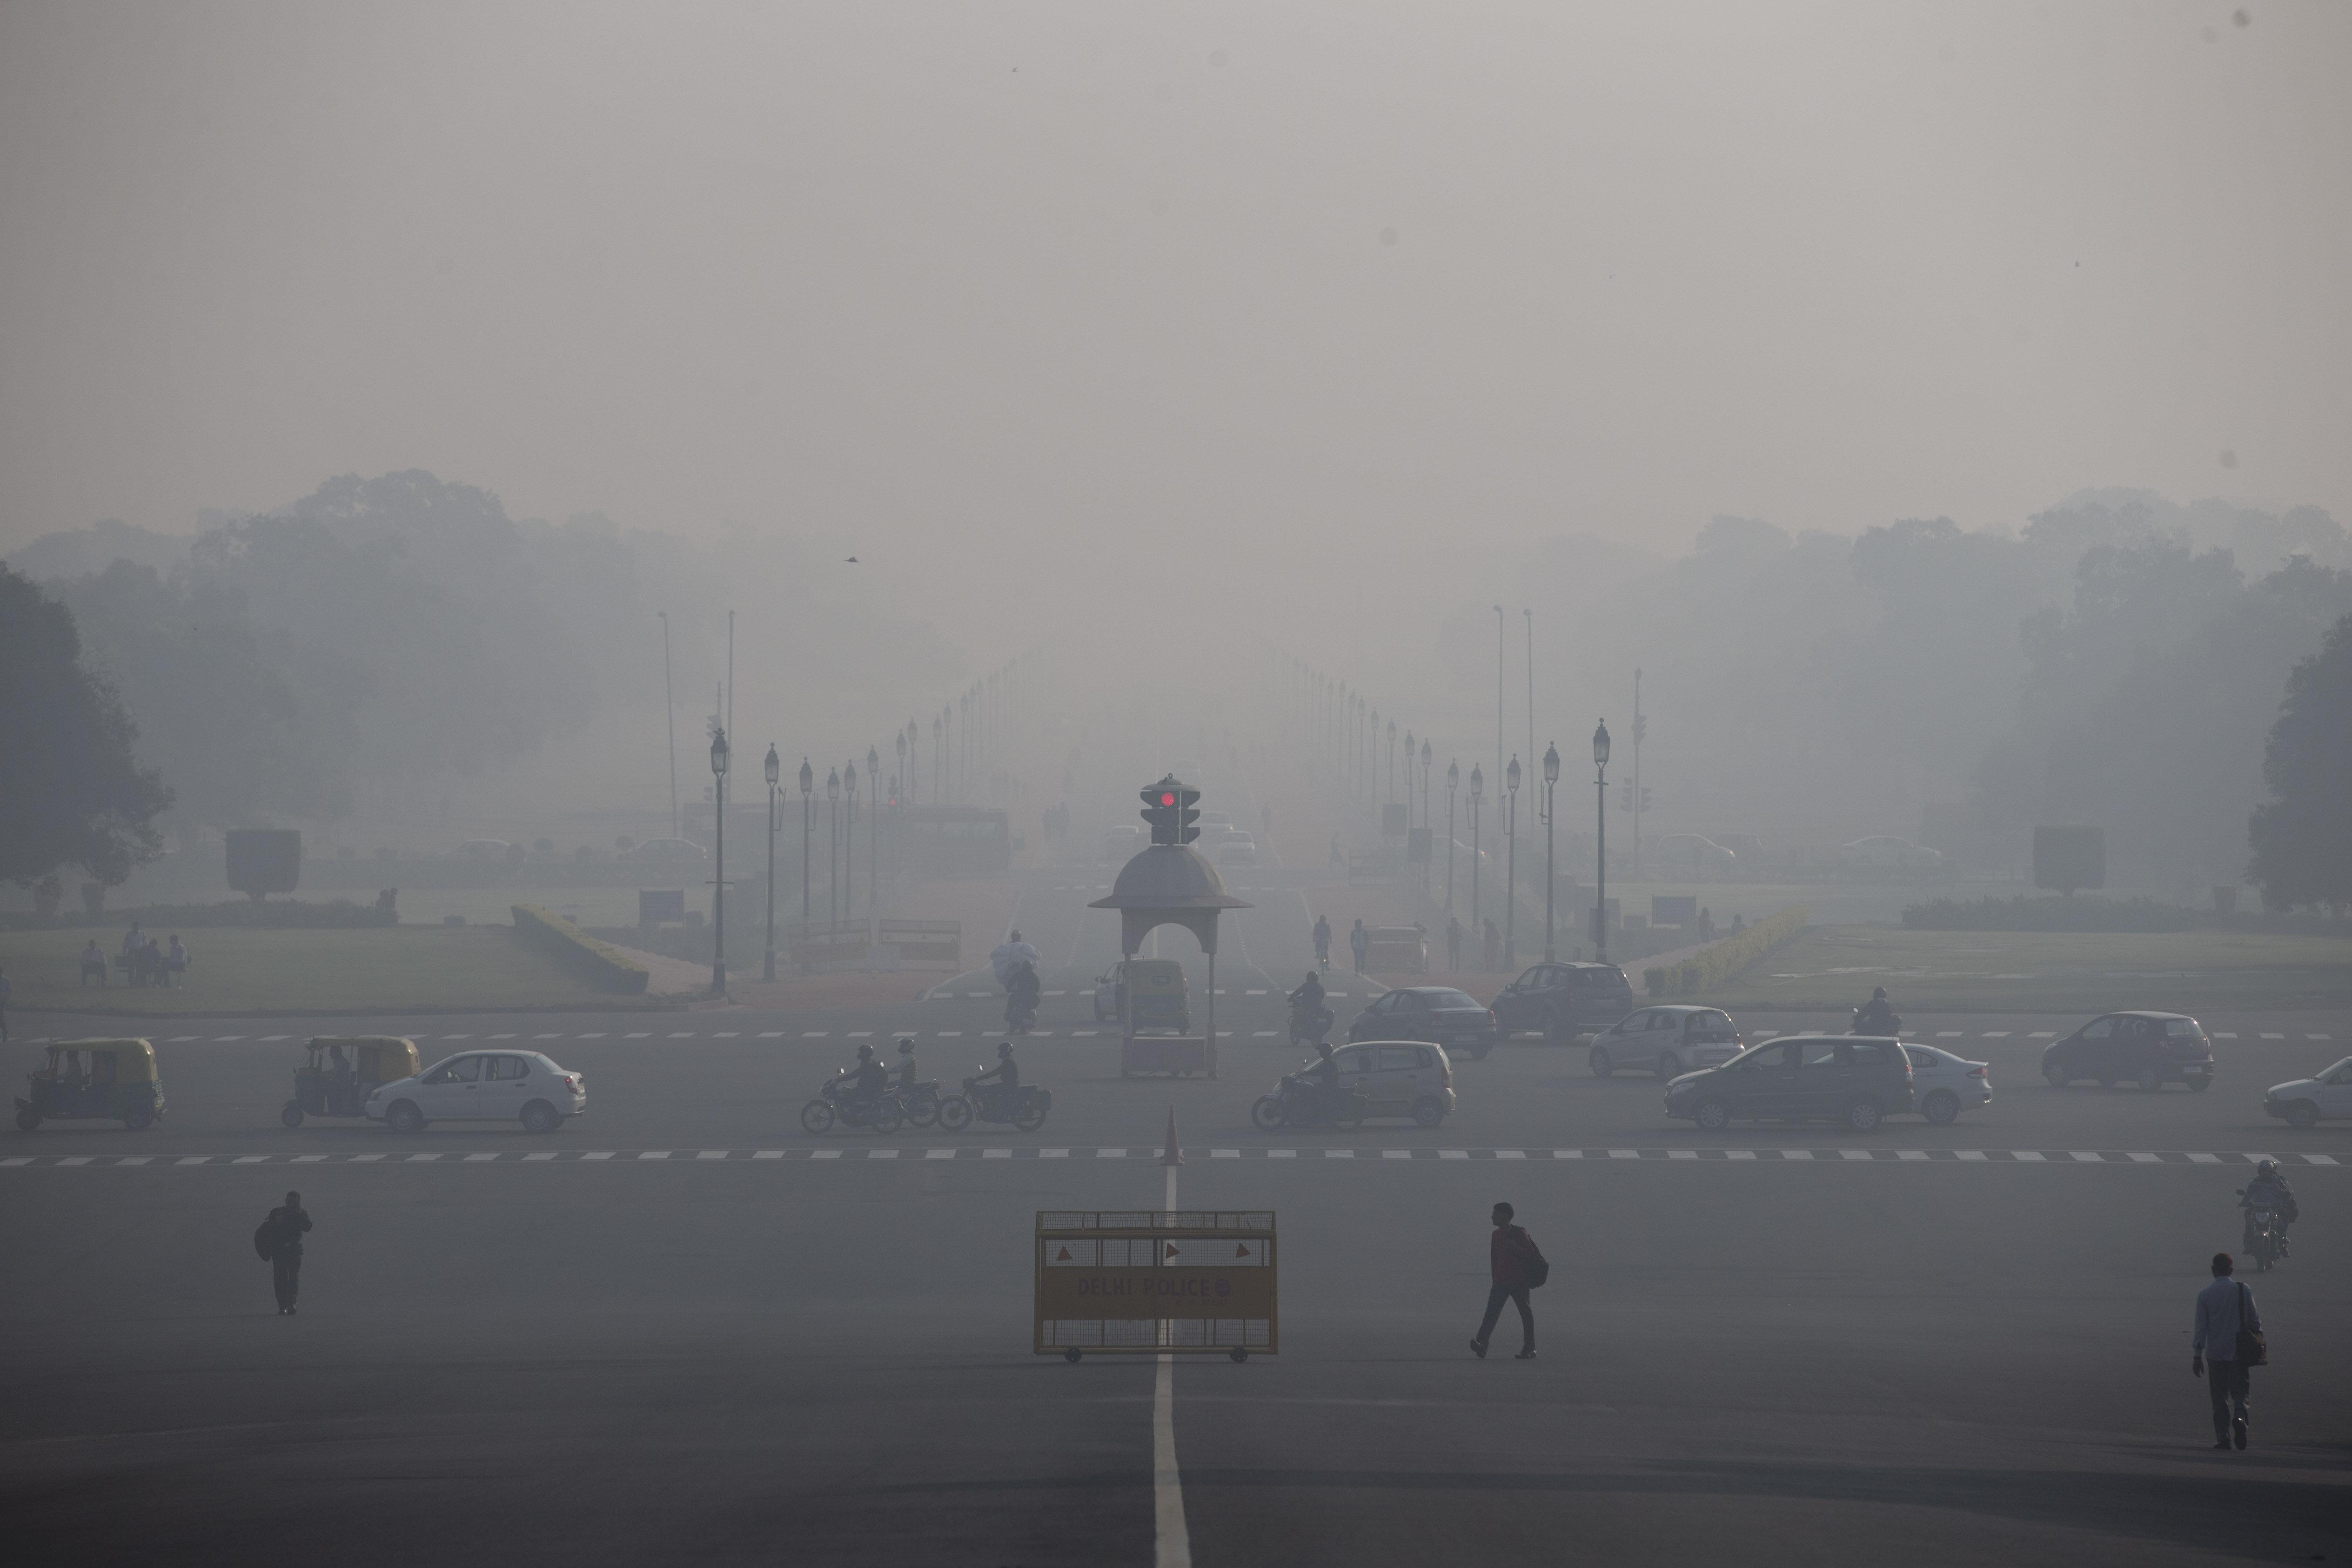 New Delhi-Pollution-Air-Narendra Modi-Toxic-Smog-Beijing-Paris climate talks